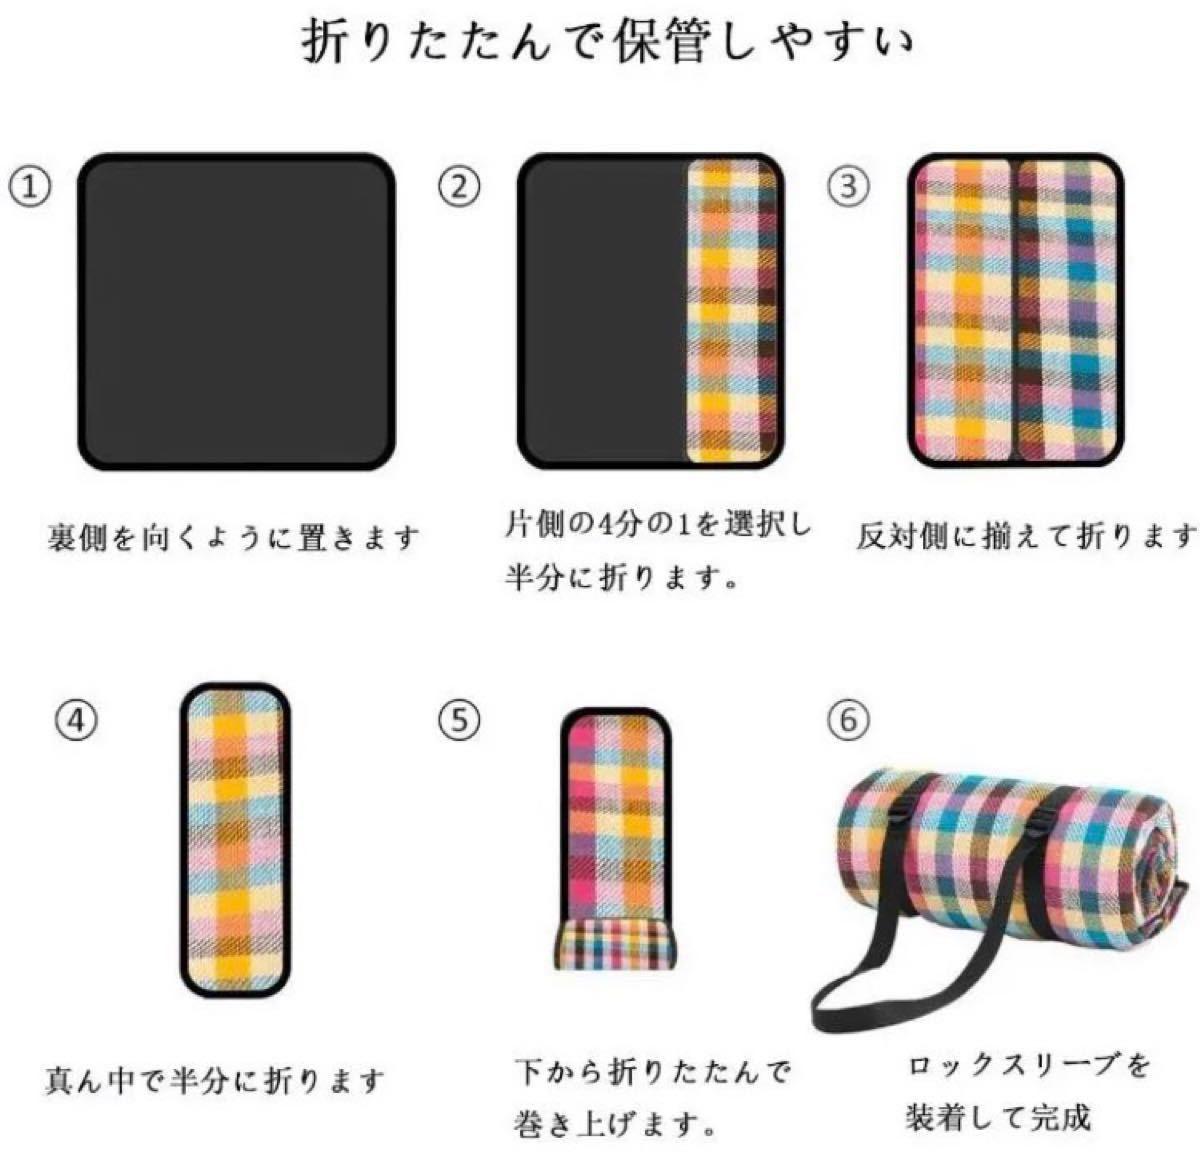 新品 ピクニック キャンピングマット レジャーシート マット 収納袋付き ショルダー型 可愛い 原色 運動会 花火大会 コンパクト